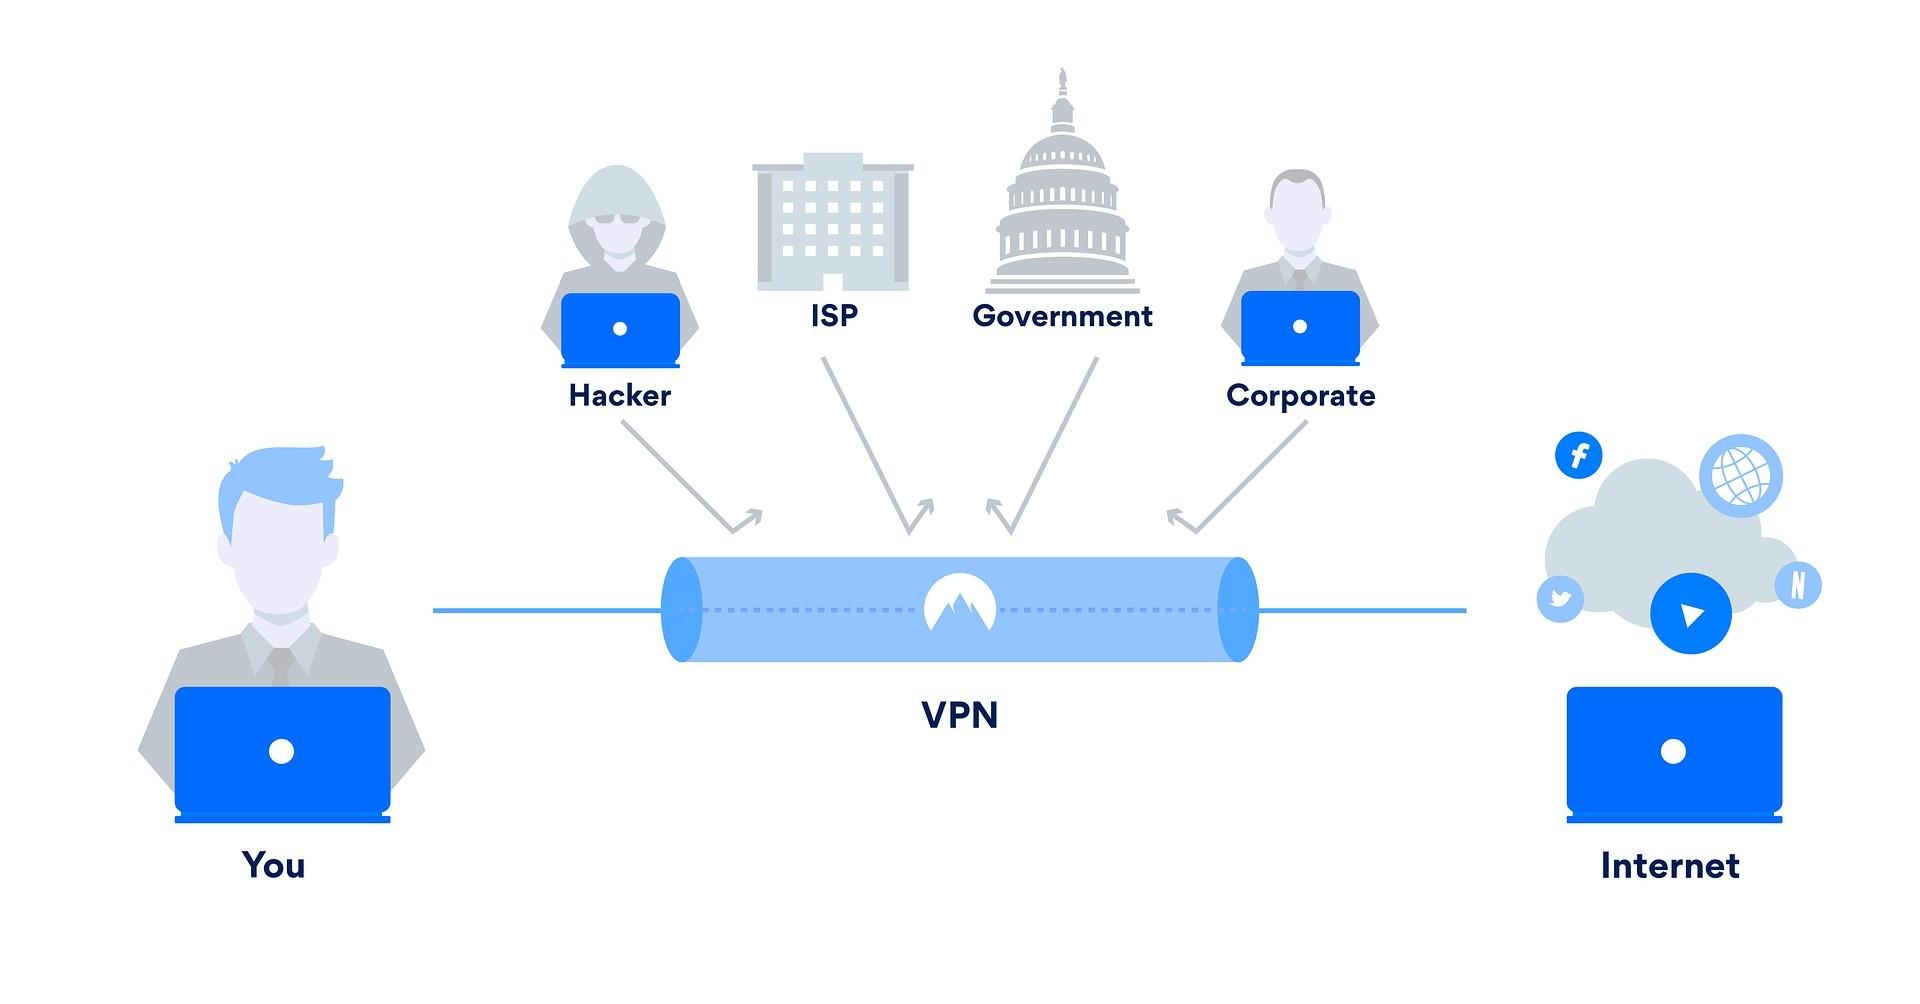 VPN - Ochrana súkromia